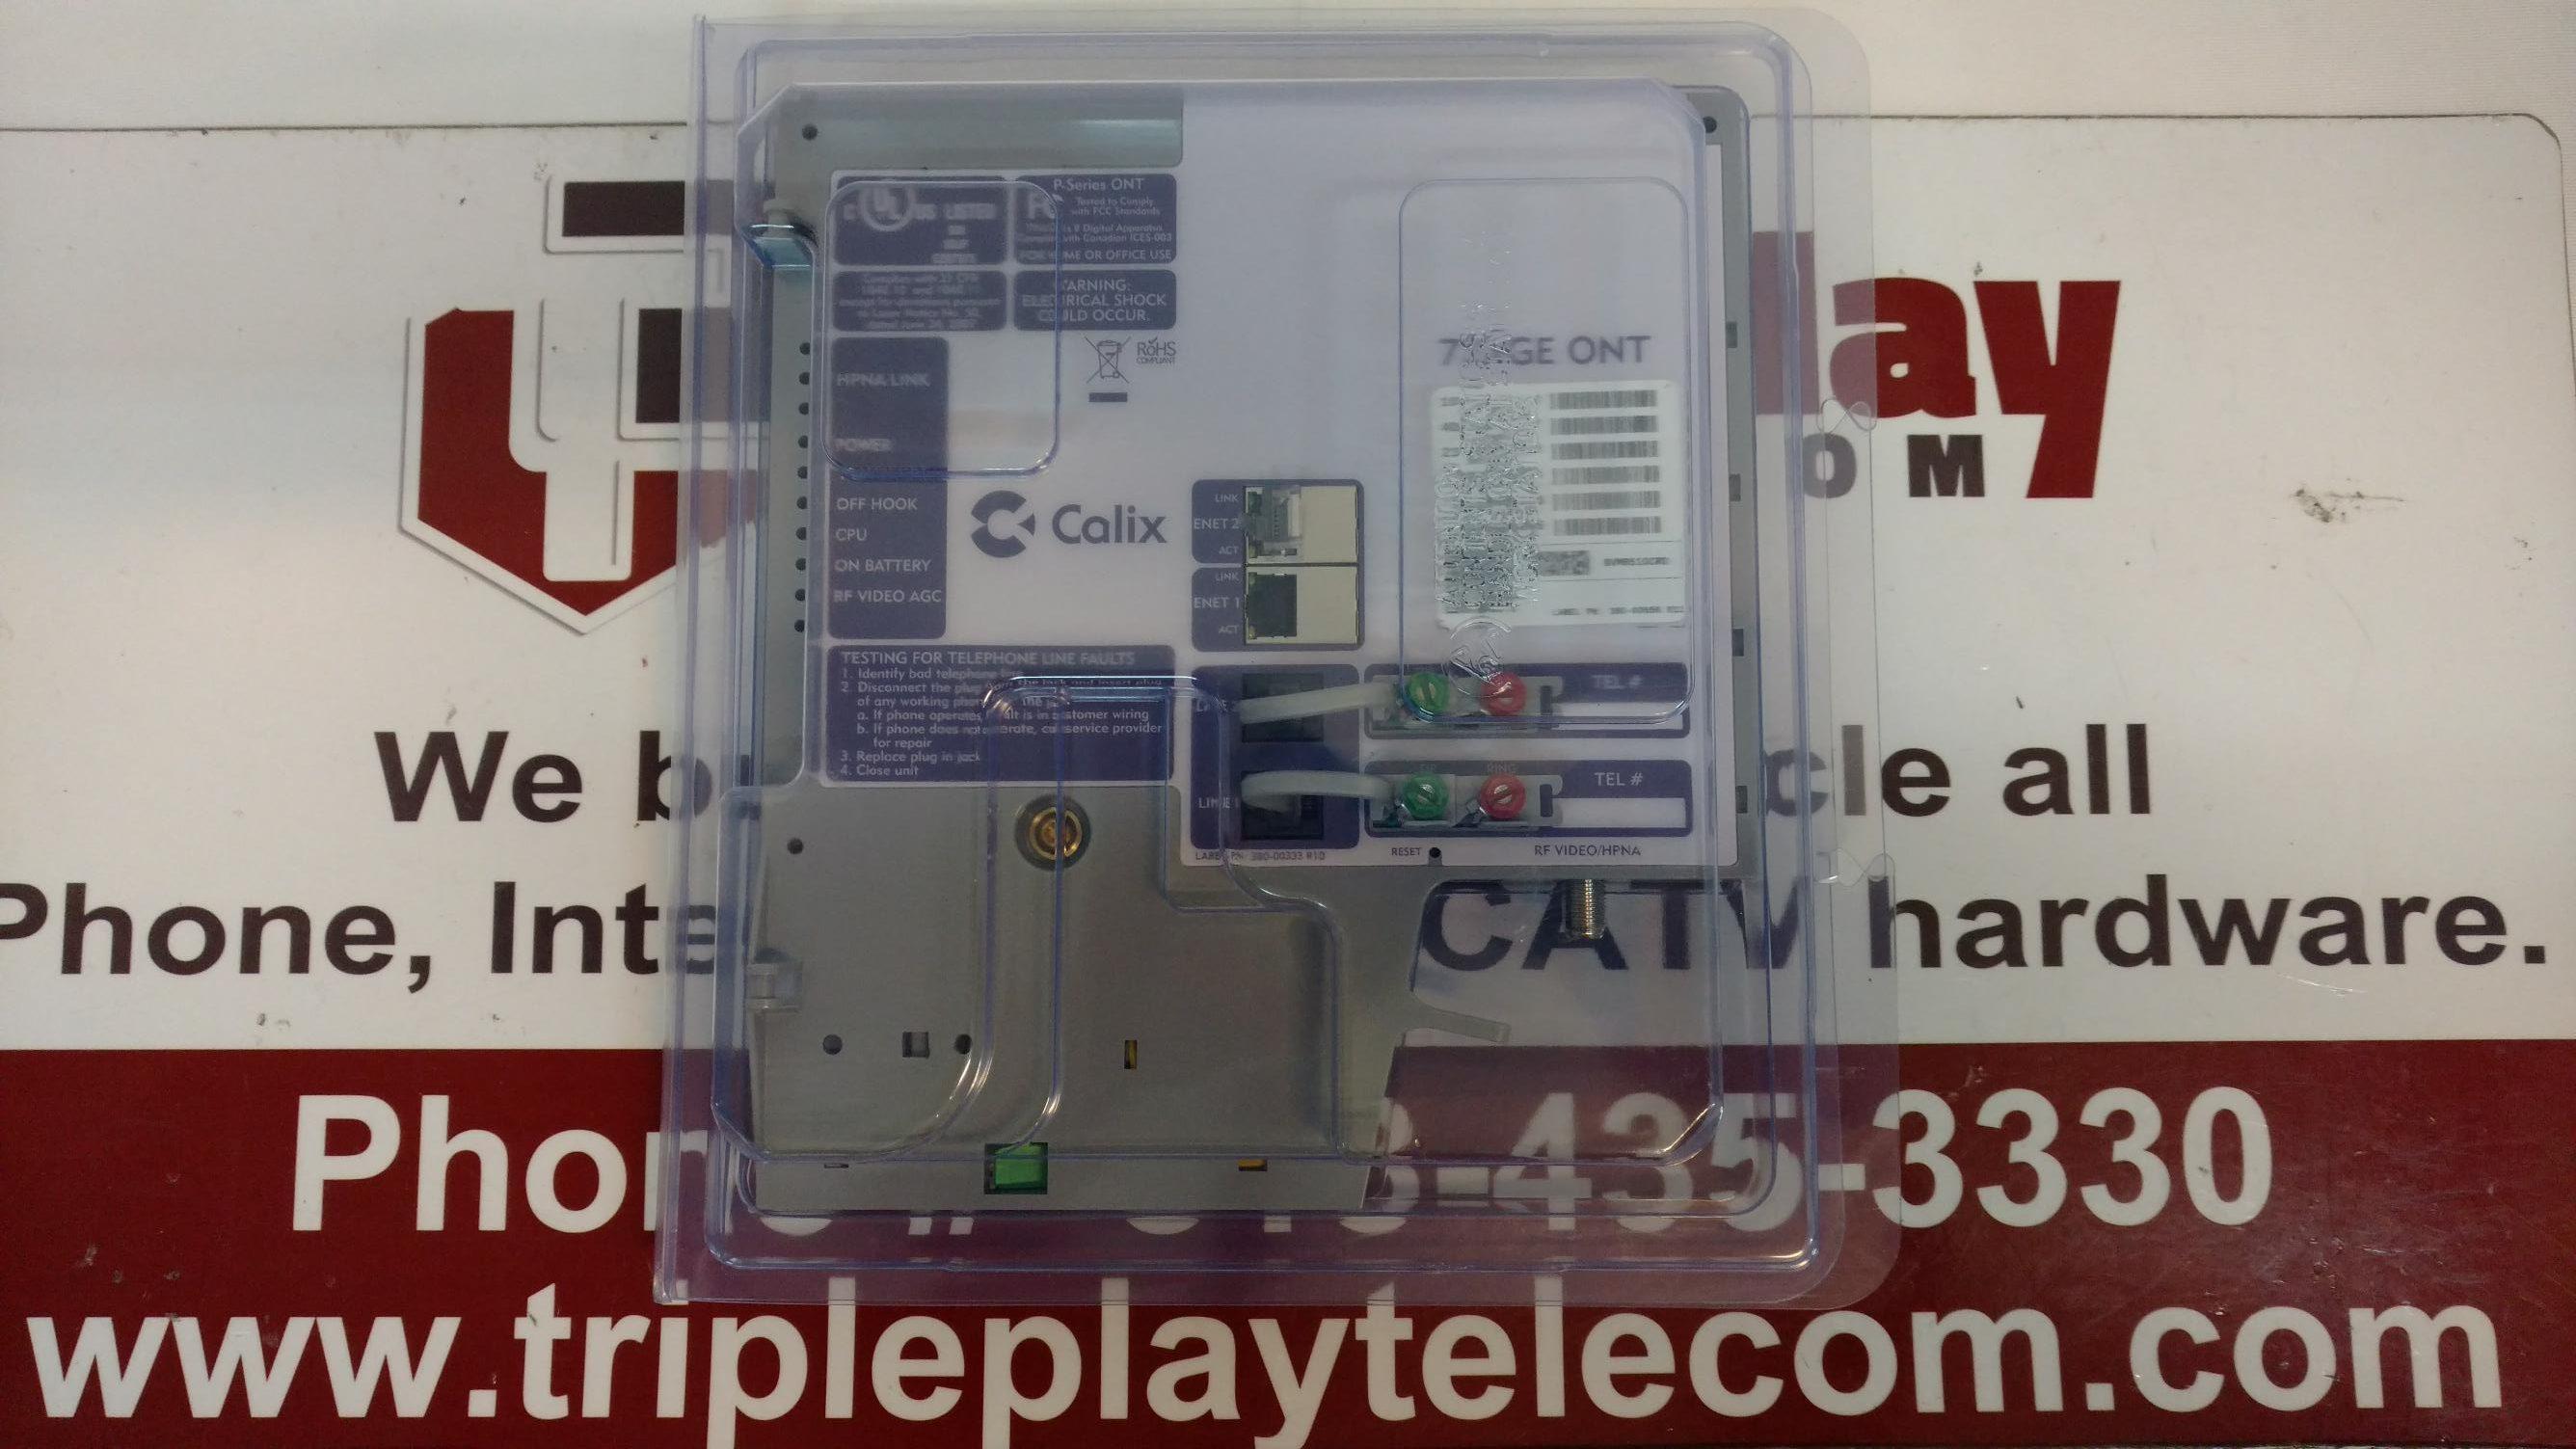 Details about Calix 722GE ONT 100-03251 2POTS/2GE/1RF/1HPNA Ports